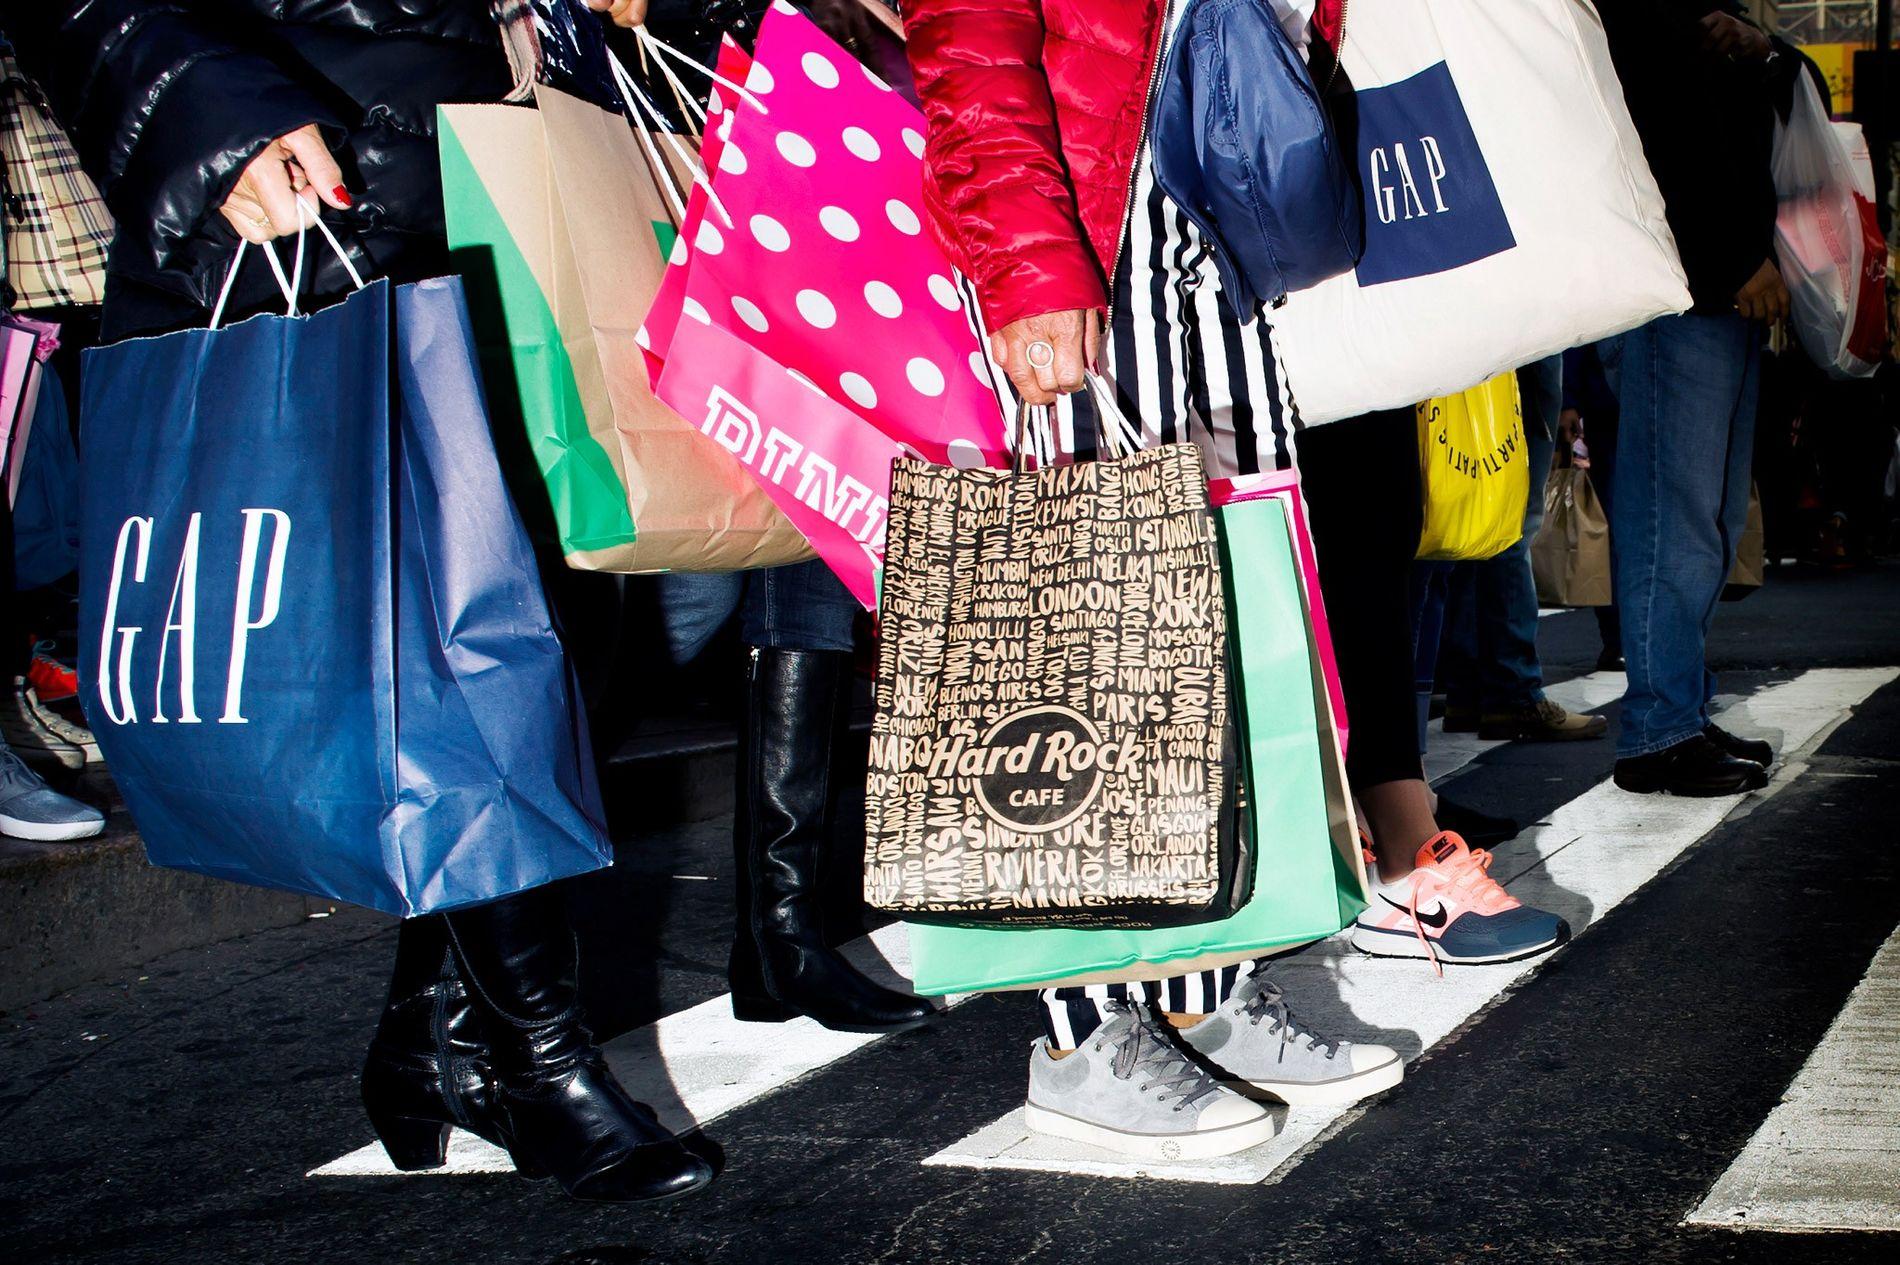 Consumidores numa passadeira, durante a Black Friday em Nova Iorque, 27 de Novembro de 2015. A ...